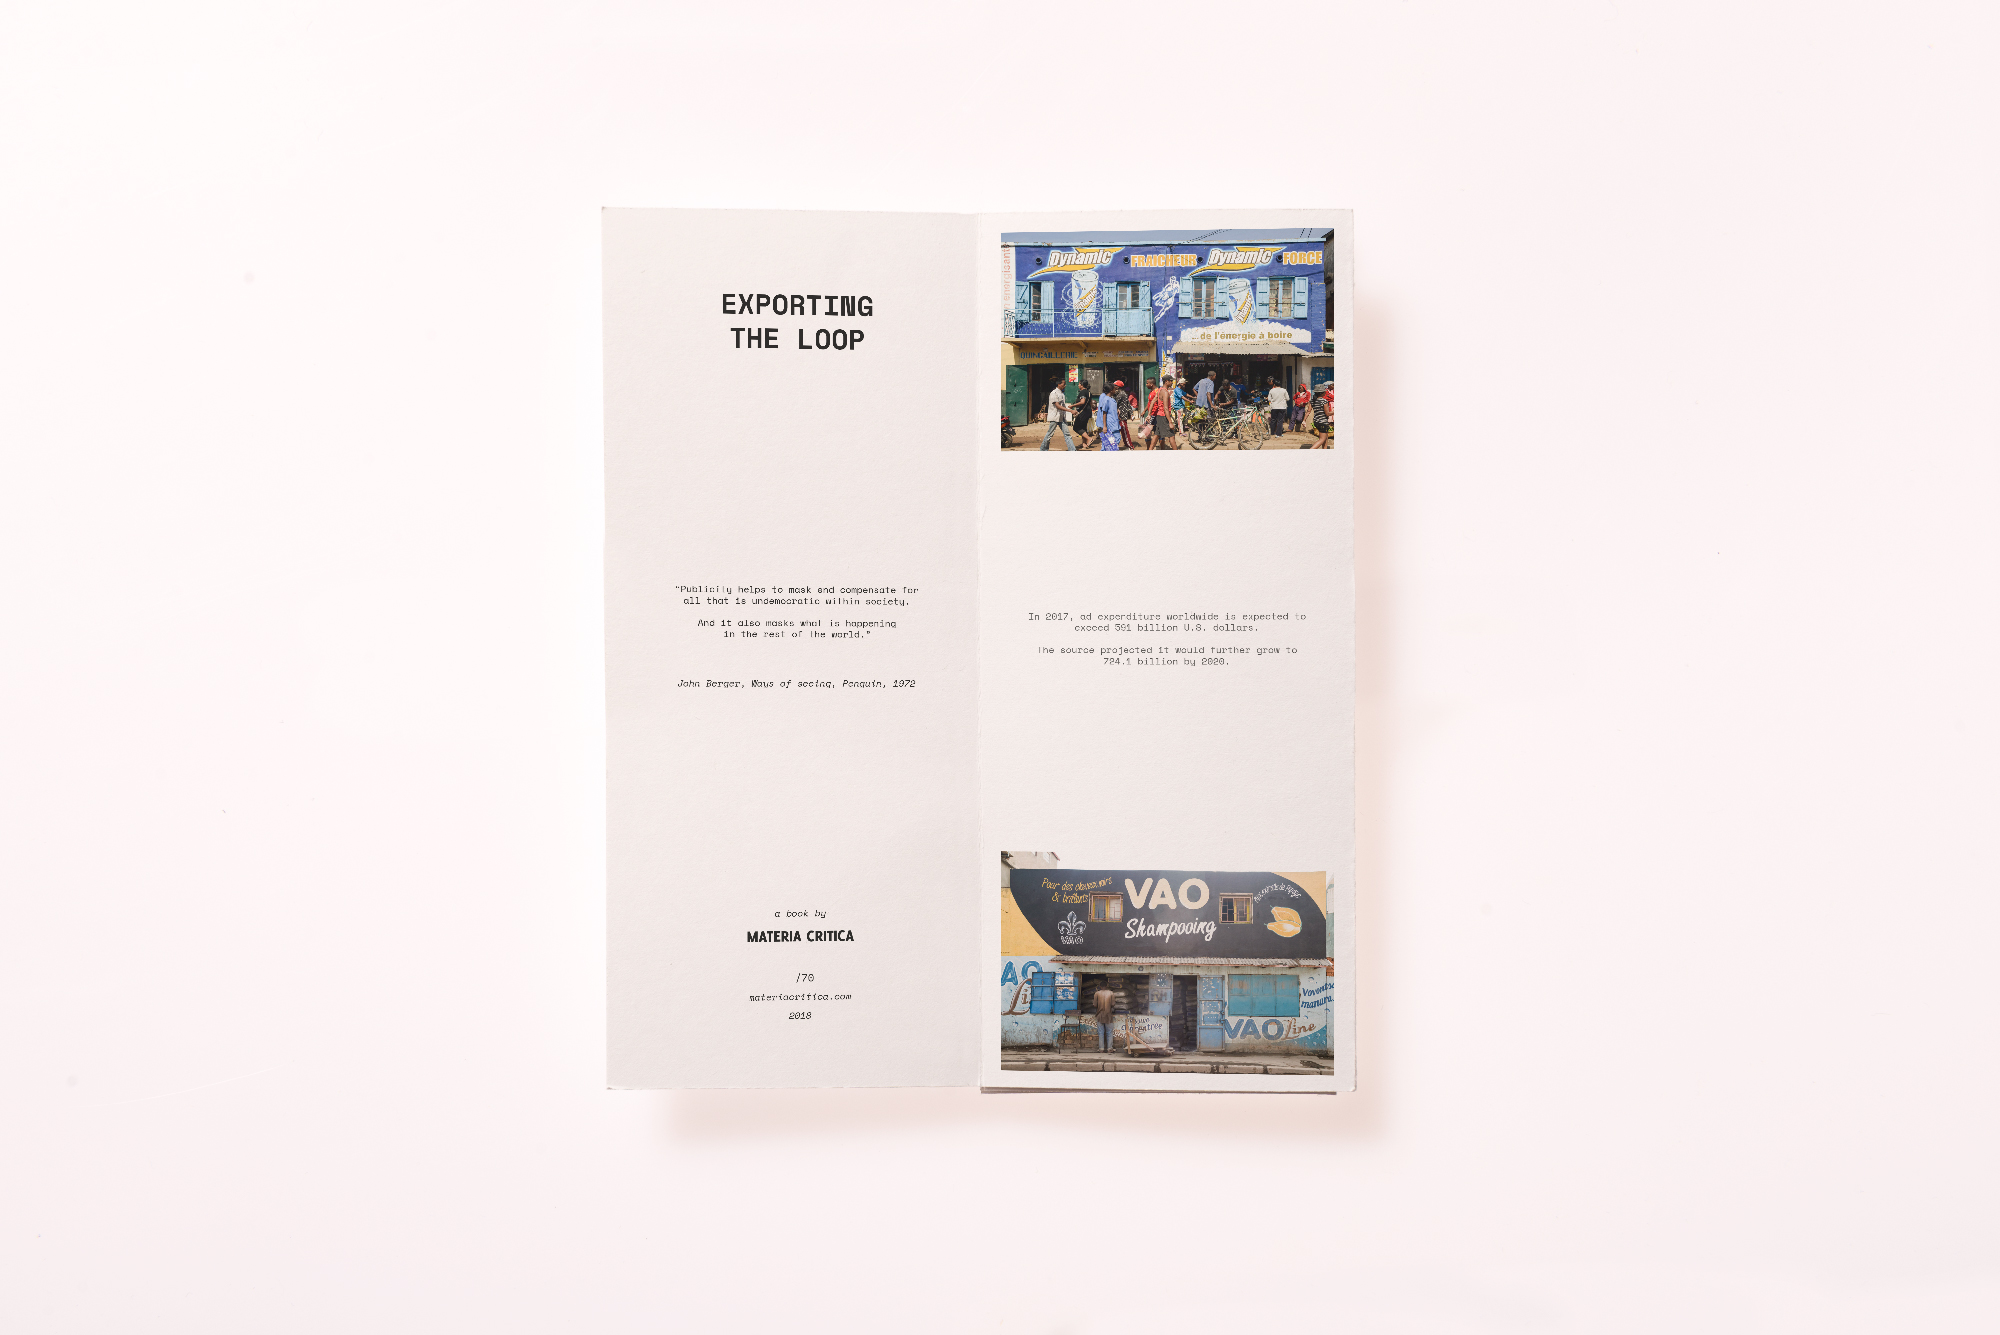 exportingtheloop-book 2.jpg